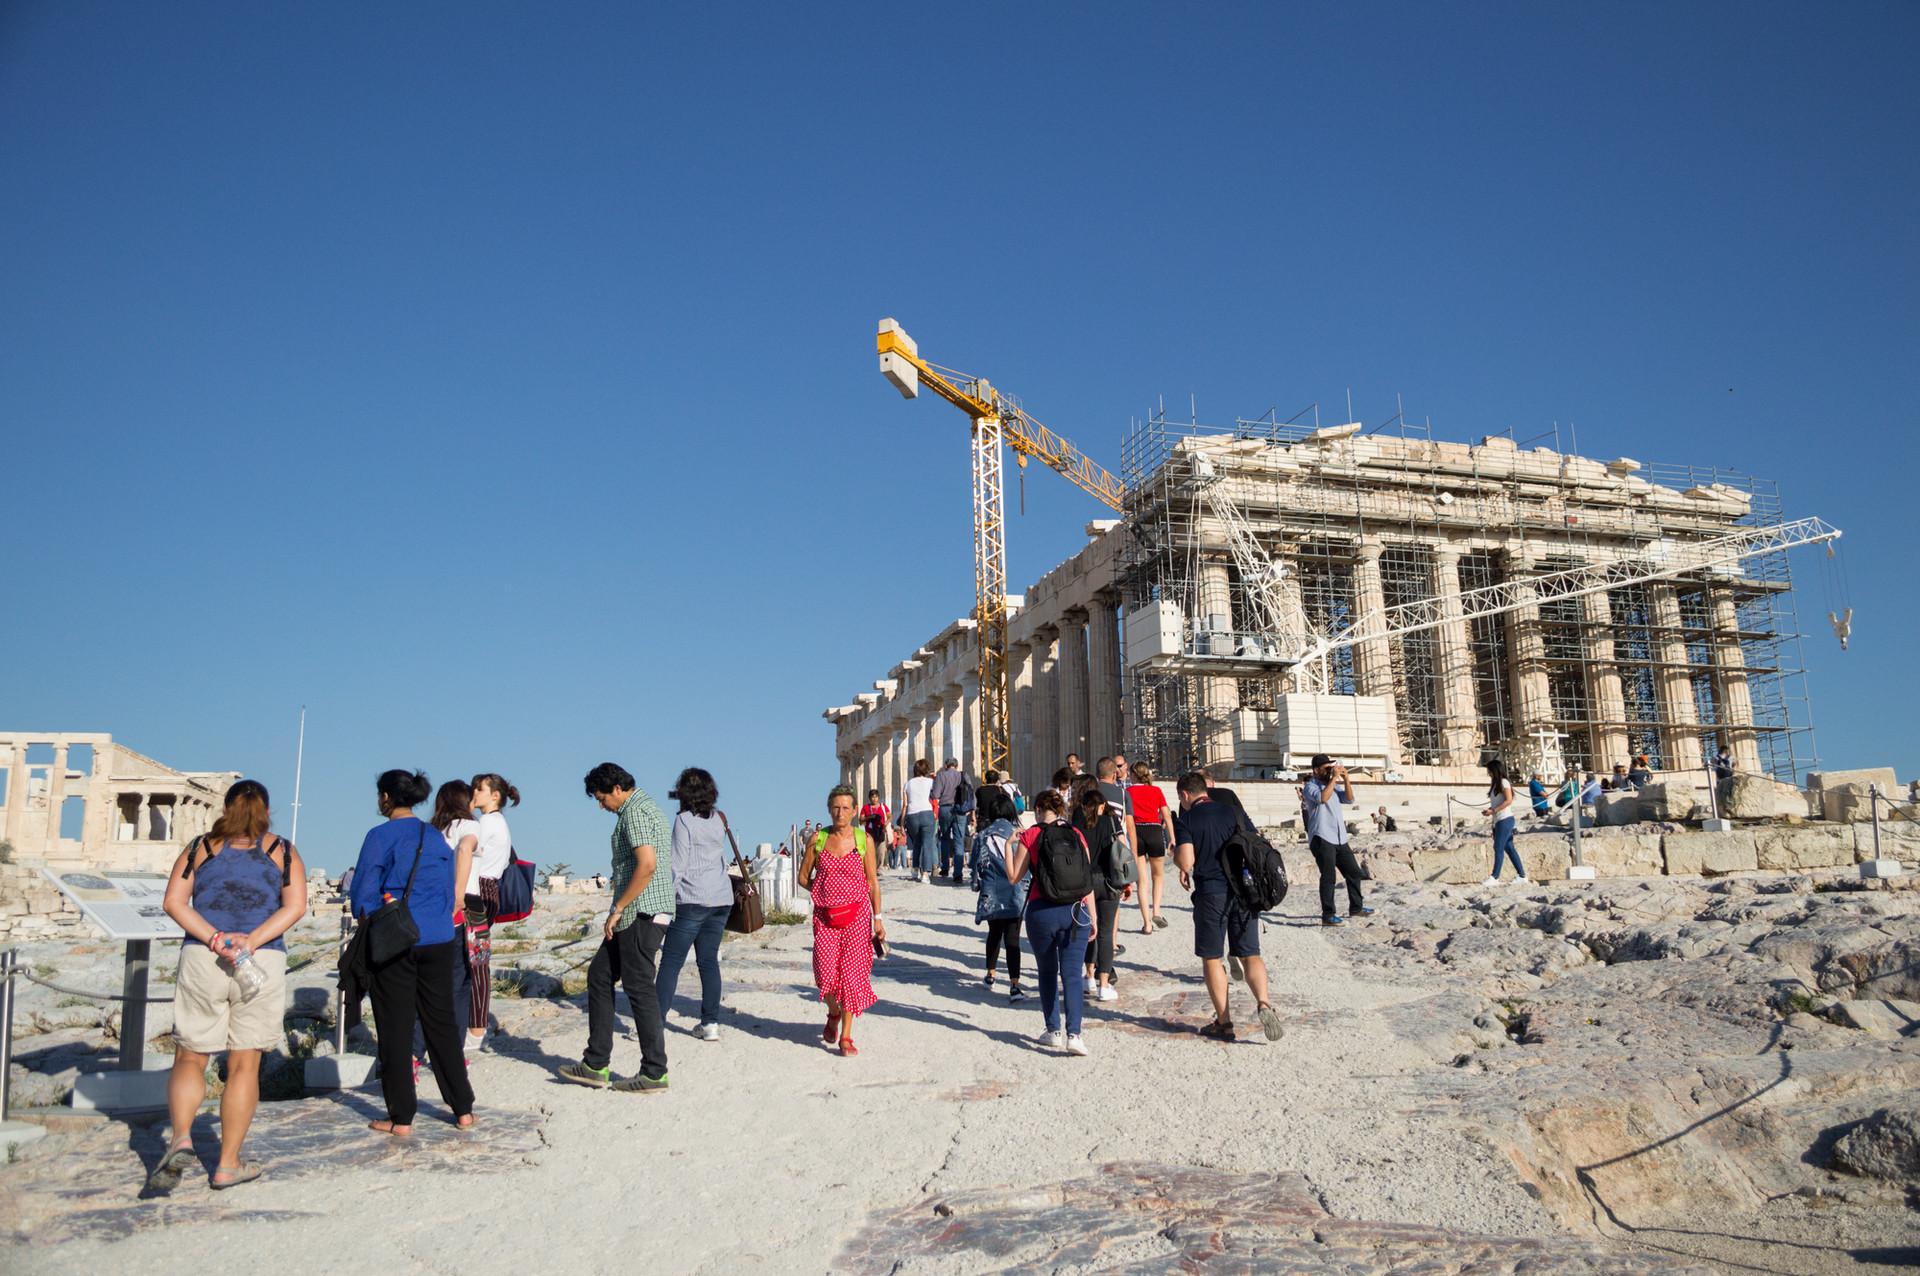 Acropolis, Athens / Greece · 2017